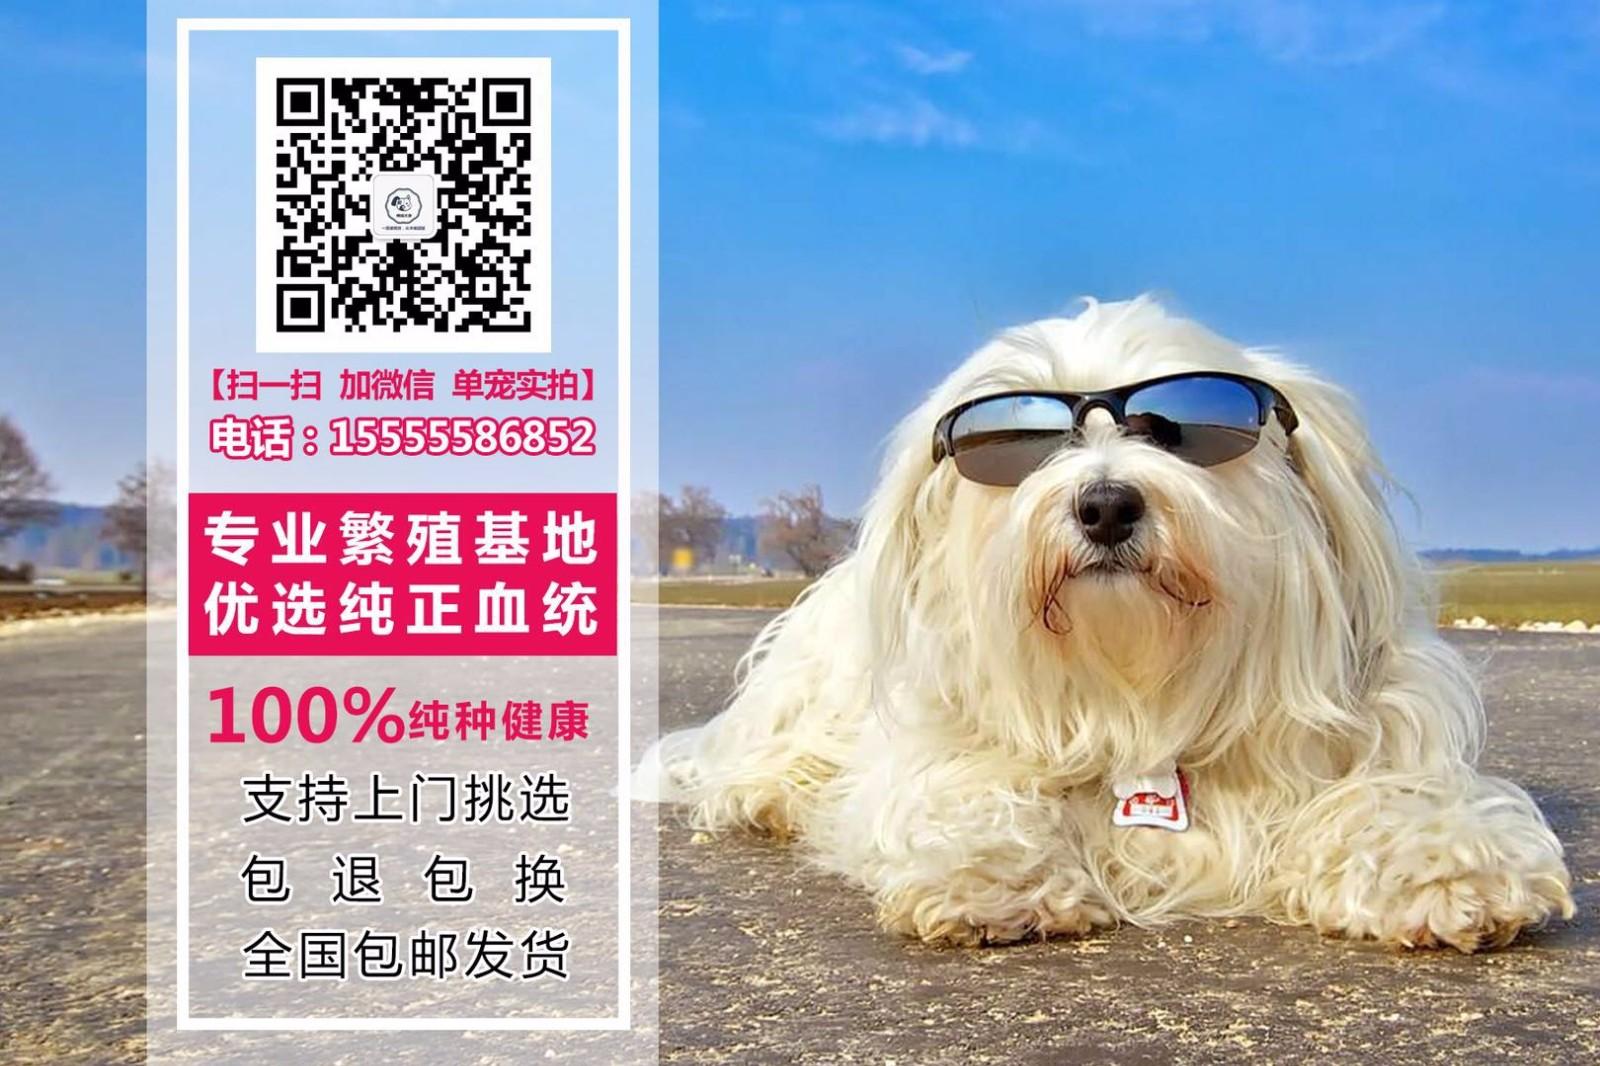 顶级优秀韩系拉萨泰迪犬低价转让中 外地可空运已驱虫5